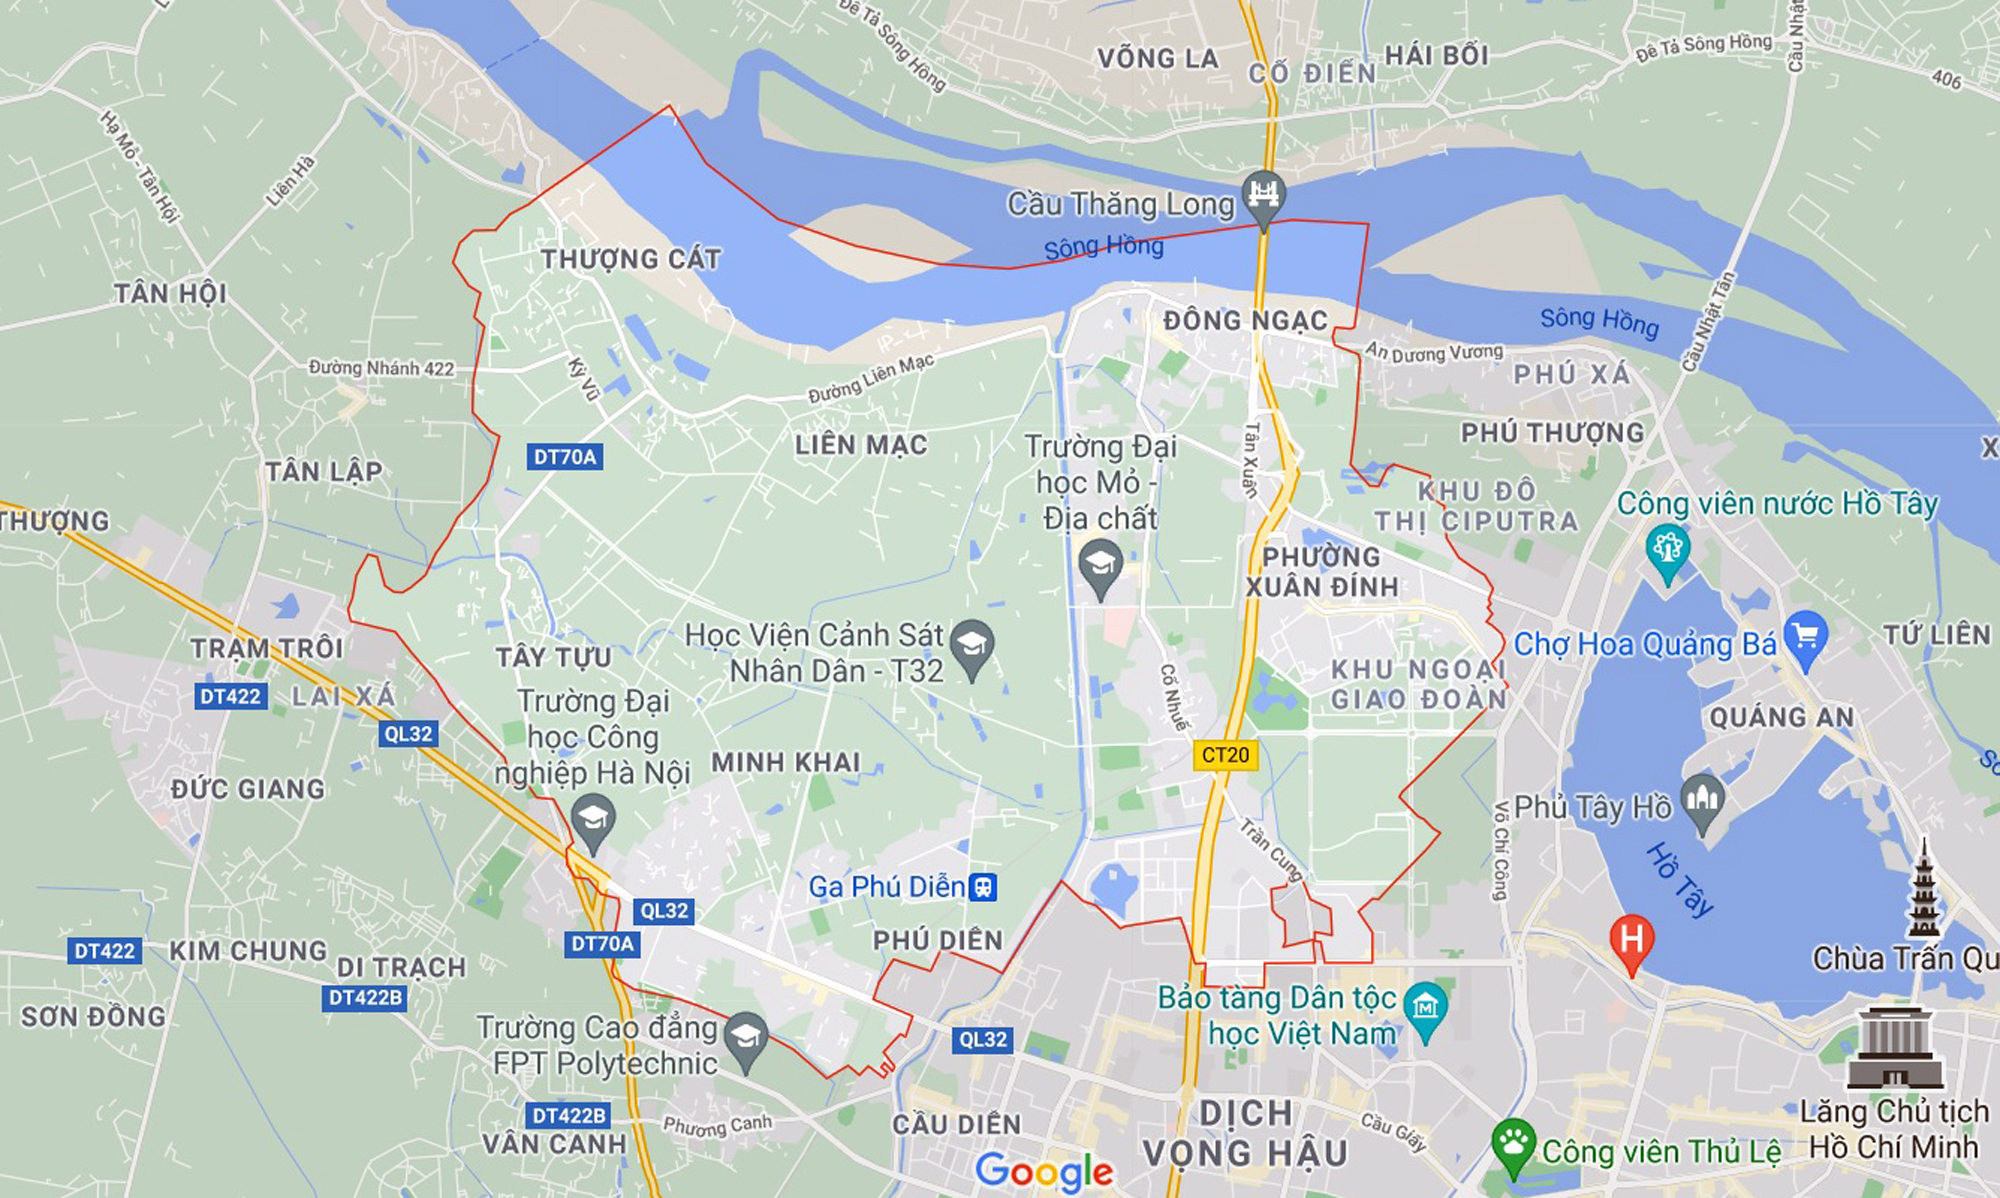 Những khu đất sắp thu hồi để mở đường ở quận Bắc Từ Liêm, Hà Nội (phần 2) - Ảnh 1.